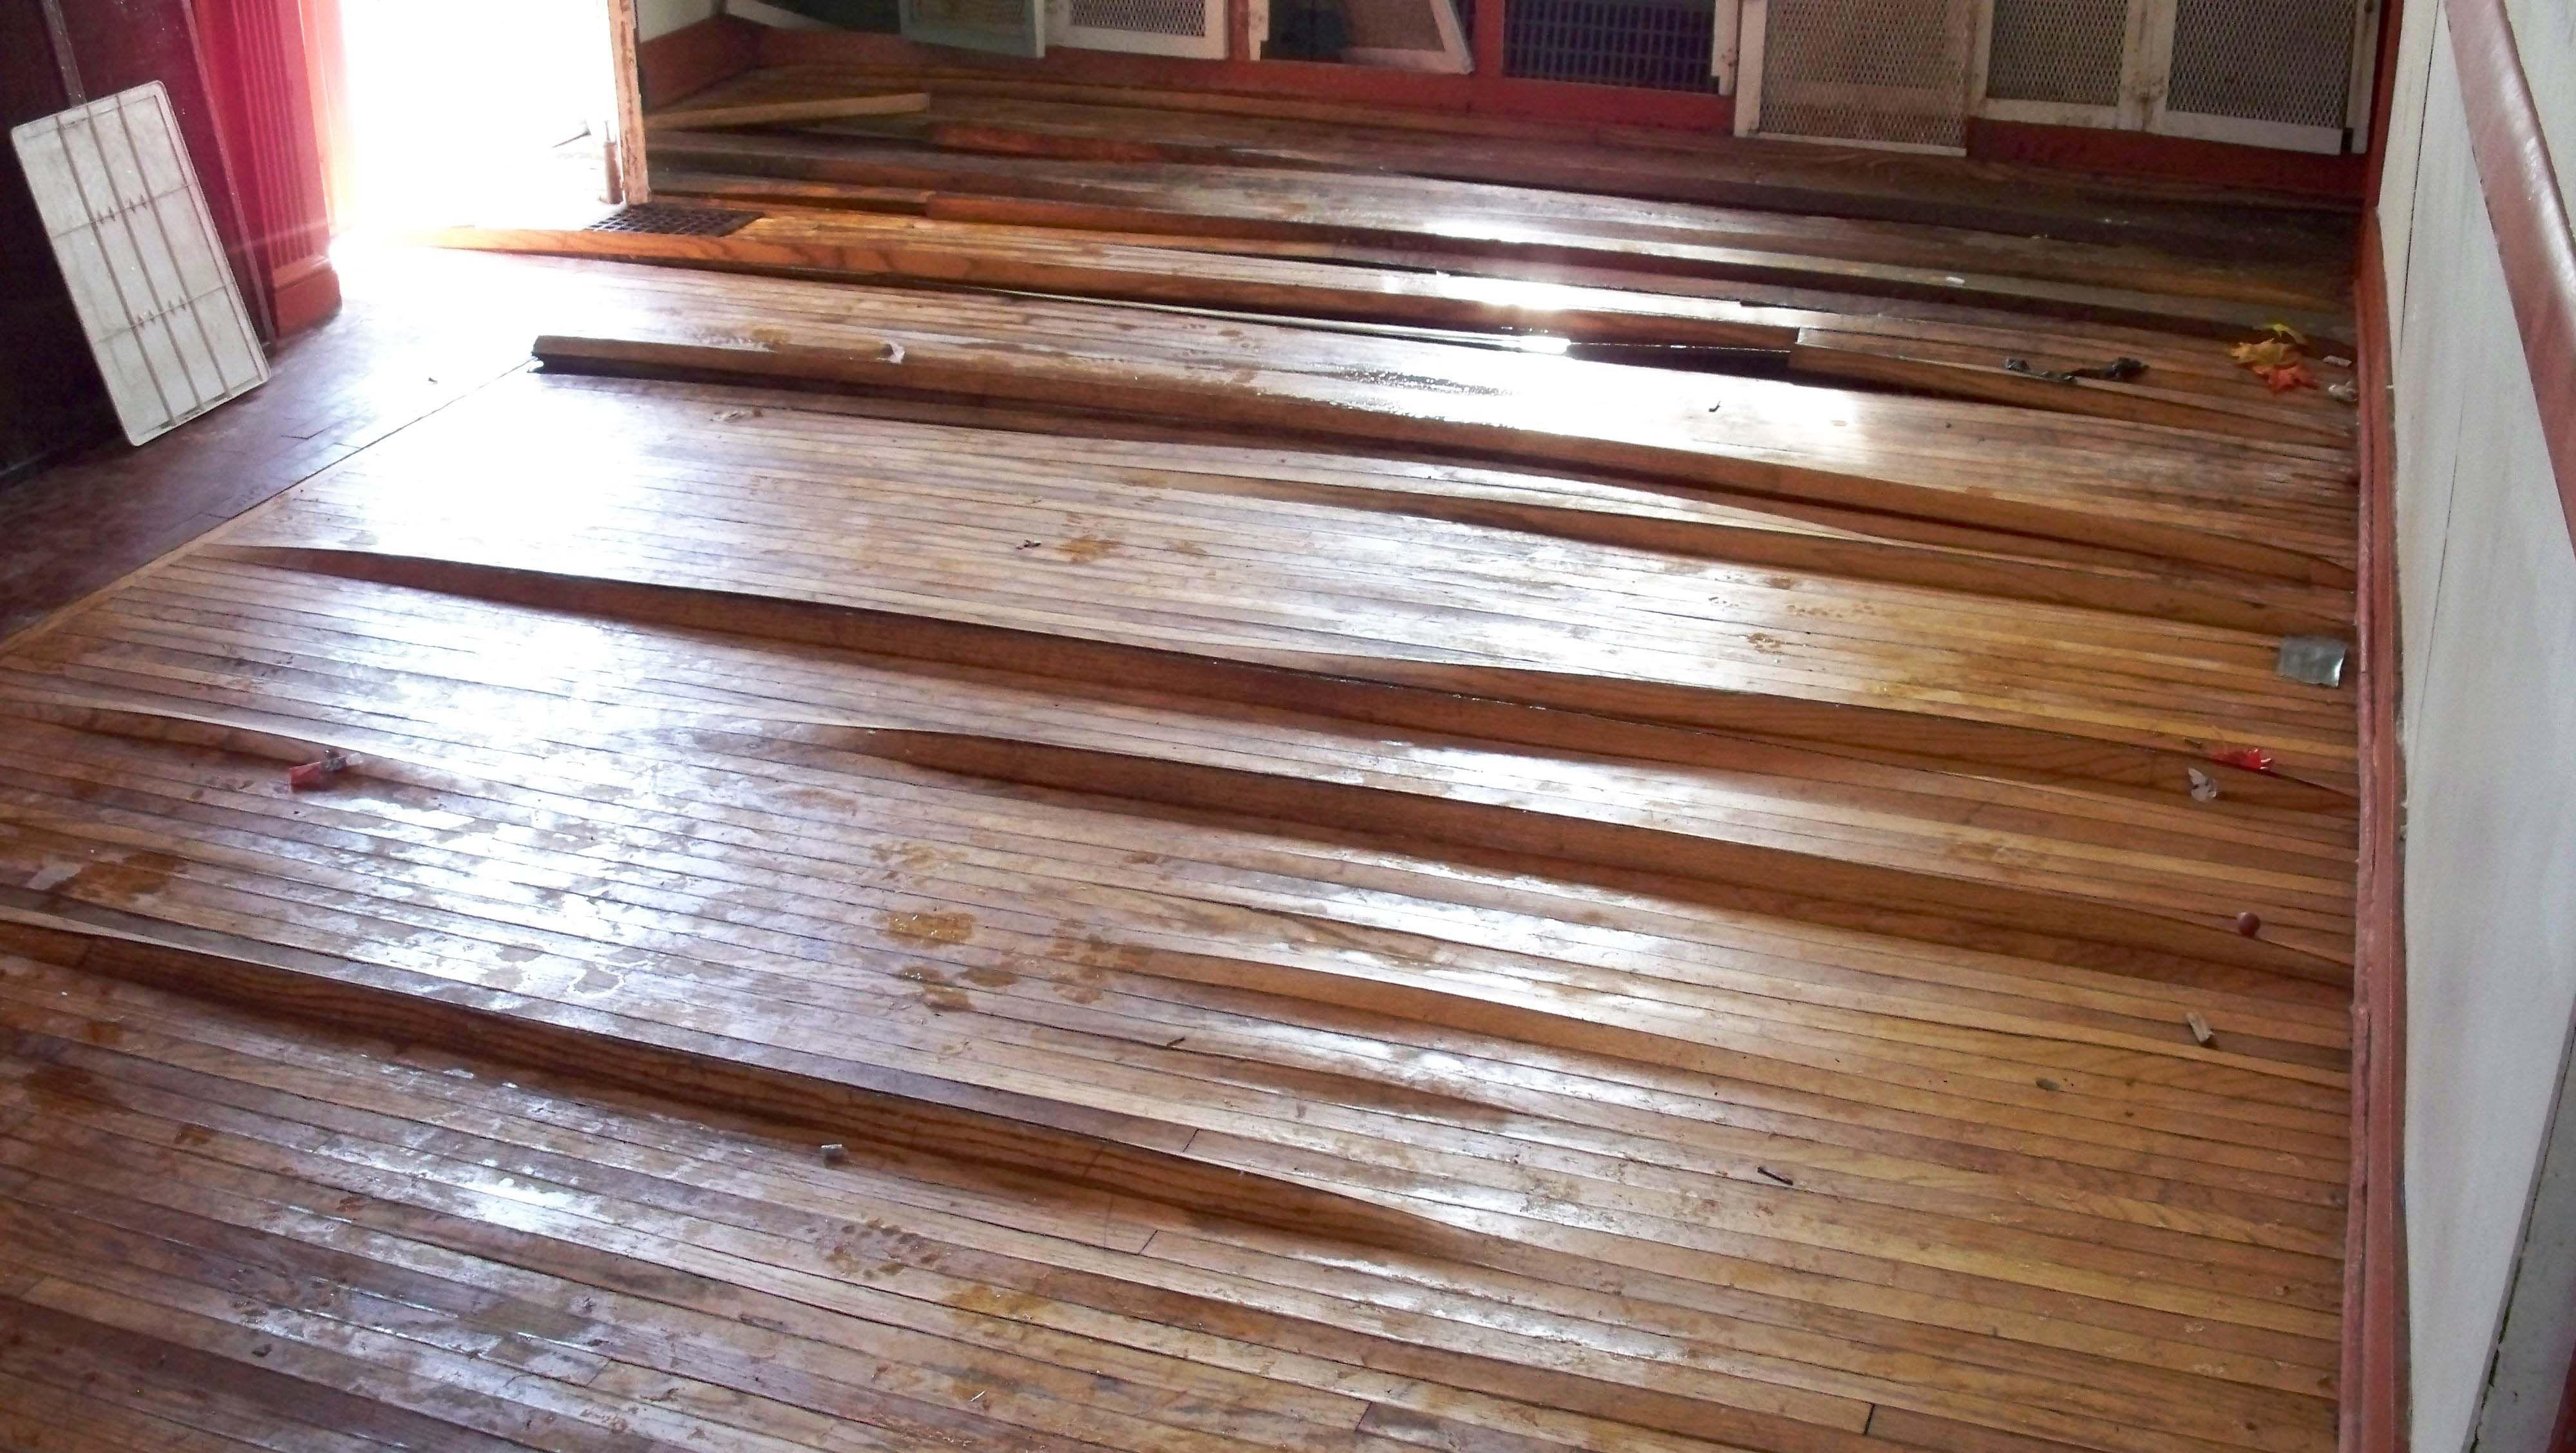 fleas and hardwood floors of western states flooring reclaimed rustic white pine flooring in a within western states flooring hardwood floor water damage warping hardwood floors